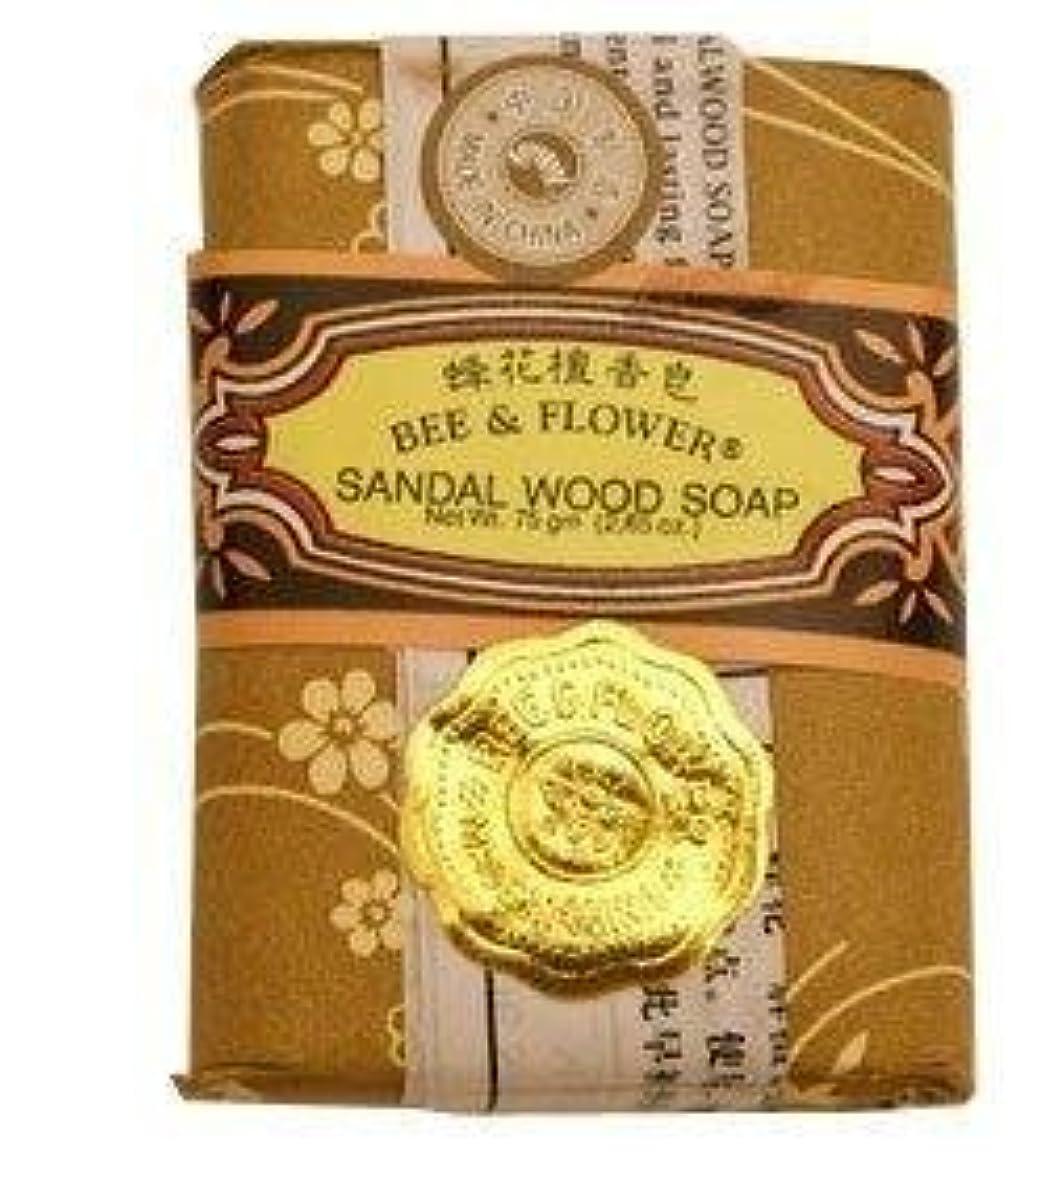 情緒的大宇宙敏感なBee And Flower Sandal Wood Bar Soap 2.65 Ounce - 12 per case. [並行輸入品]